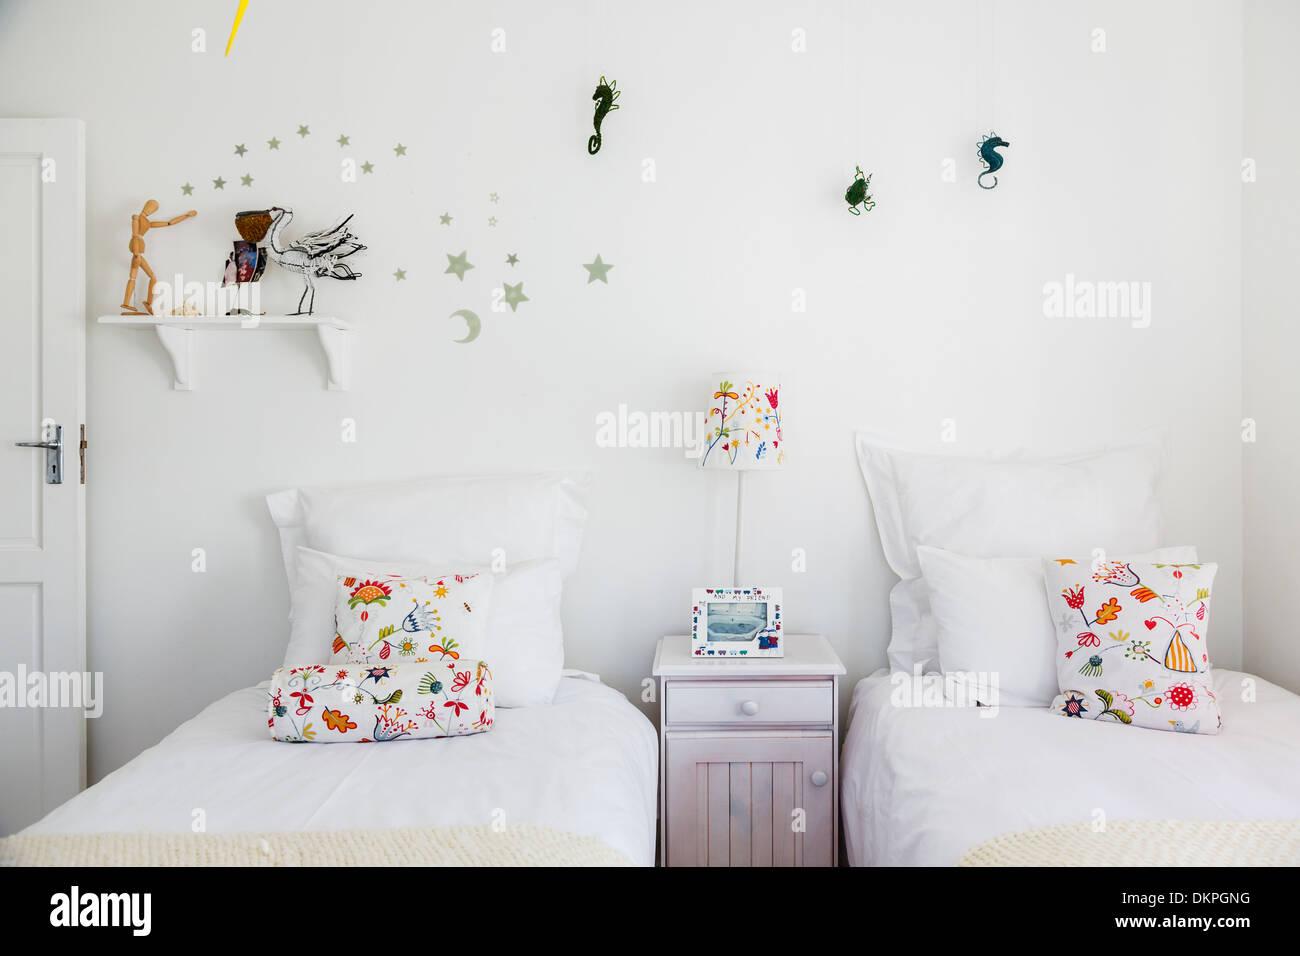 Decorazioni a parete in camera da letto per i bambini Foto ...